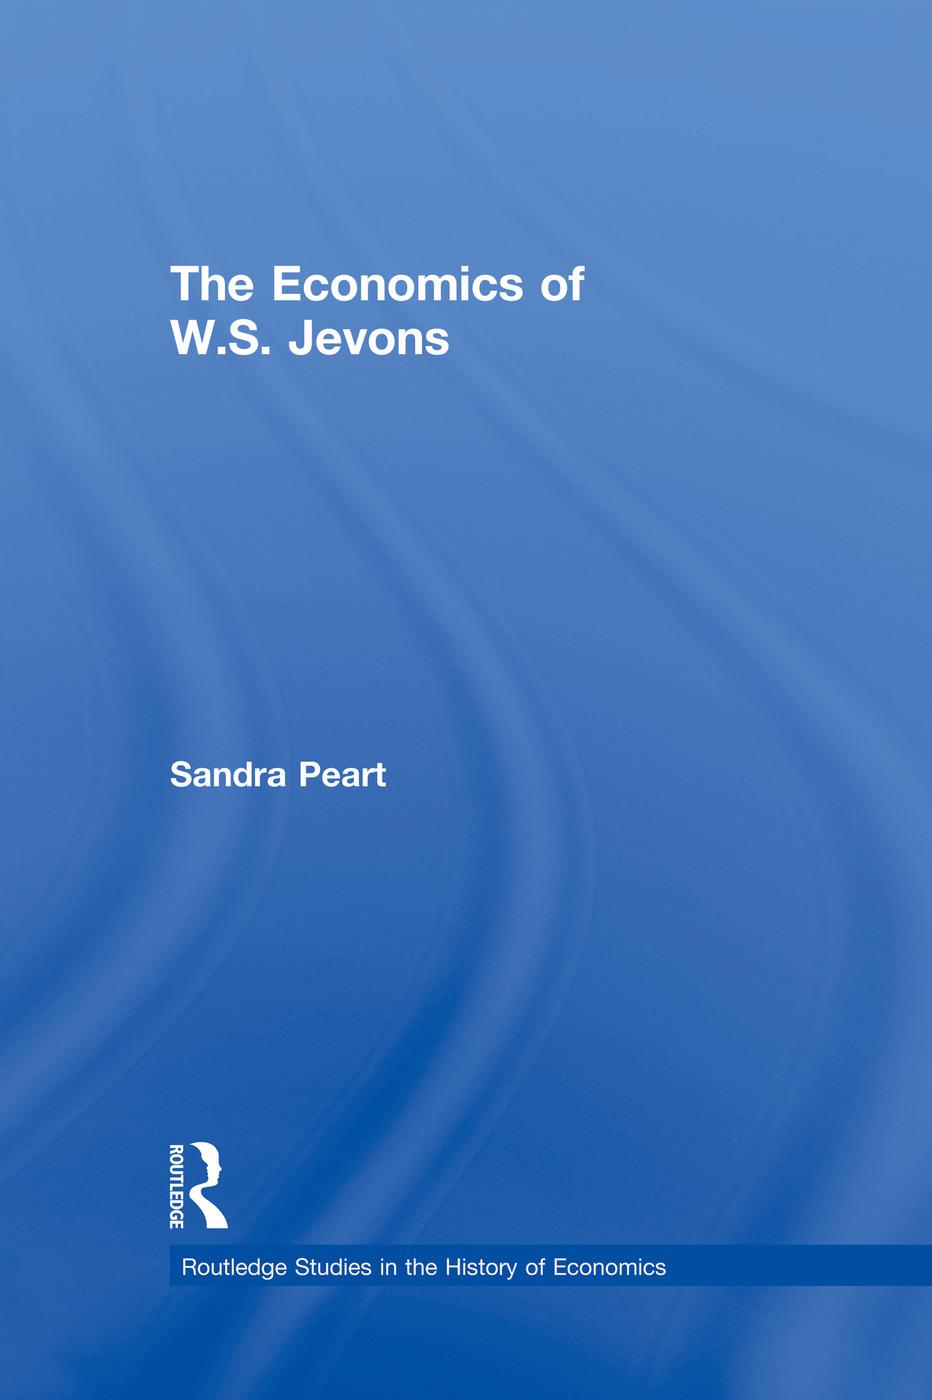 The Economics of W.S. Jevons